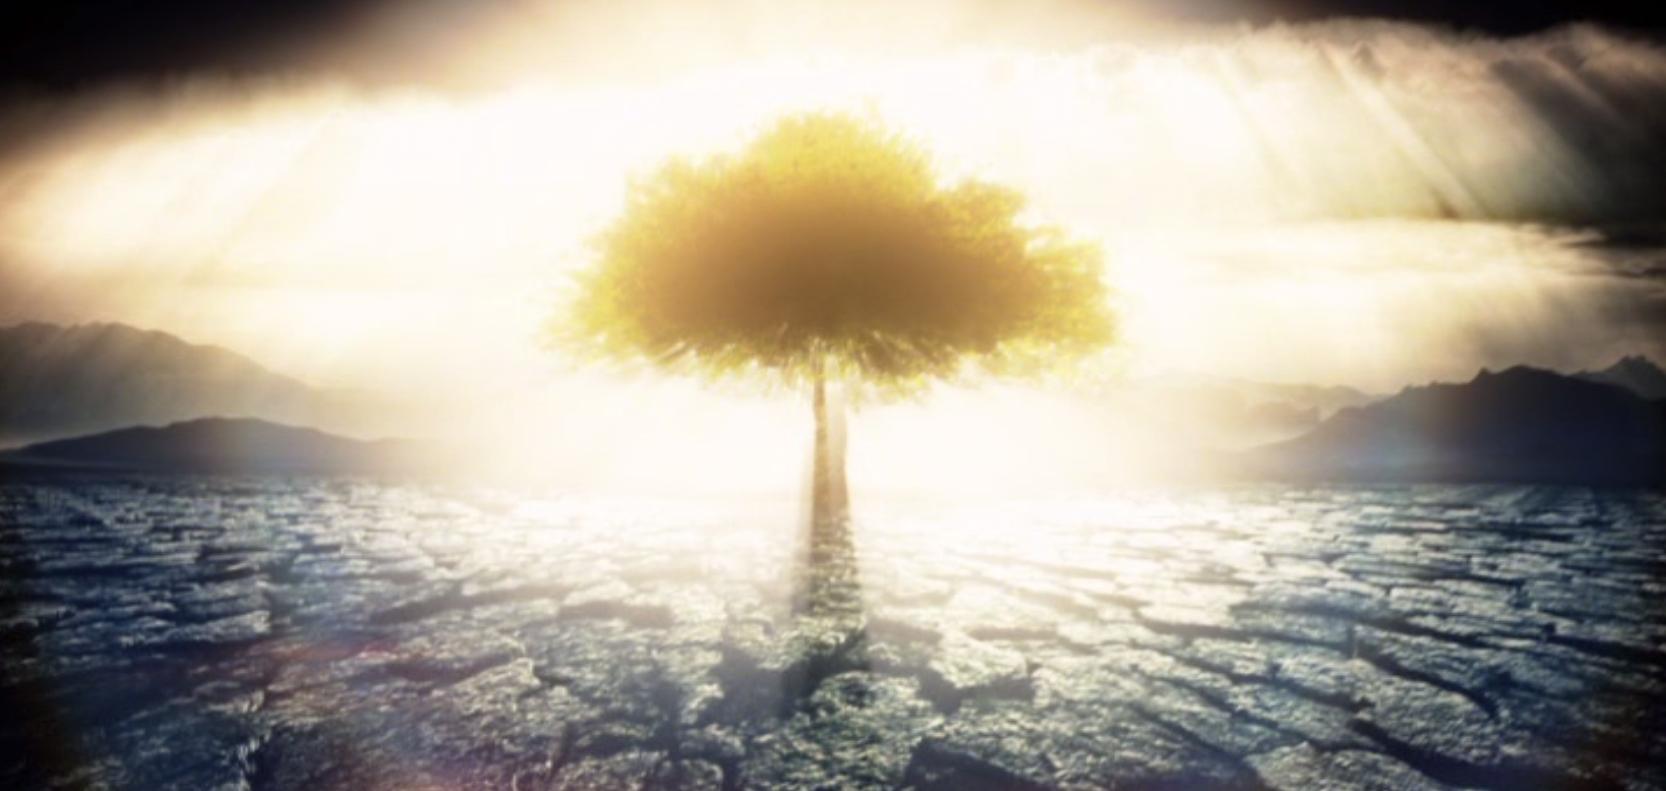 山達基相信心靈在物質之上嗎?